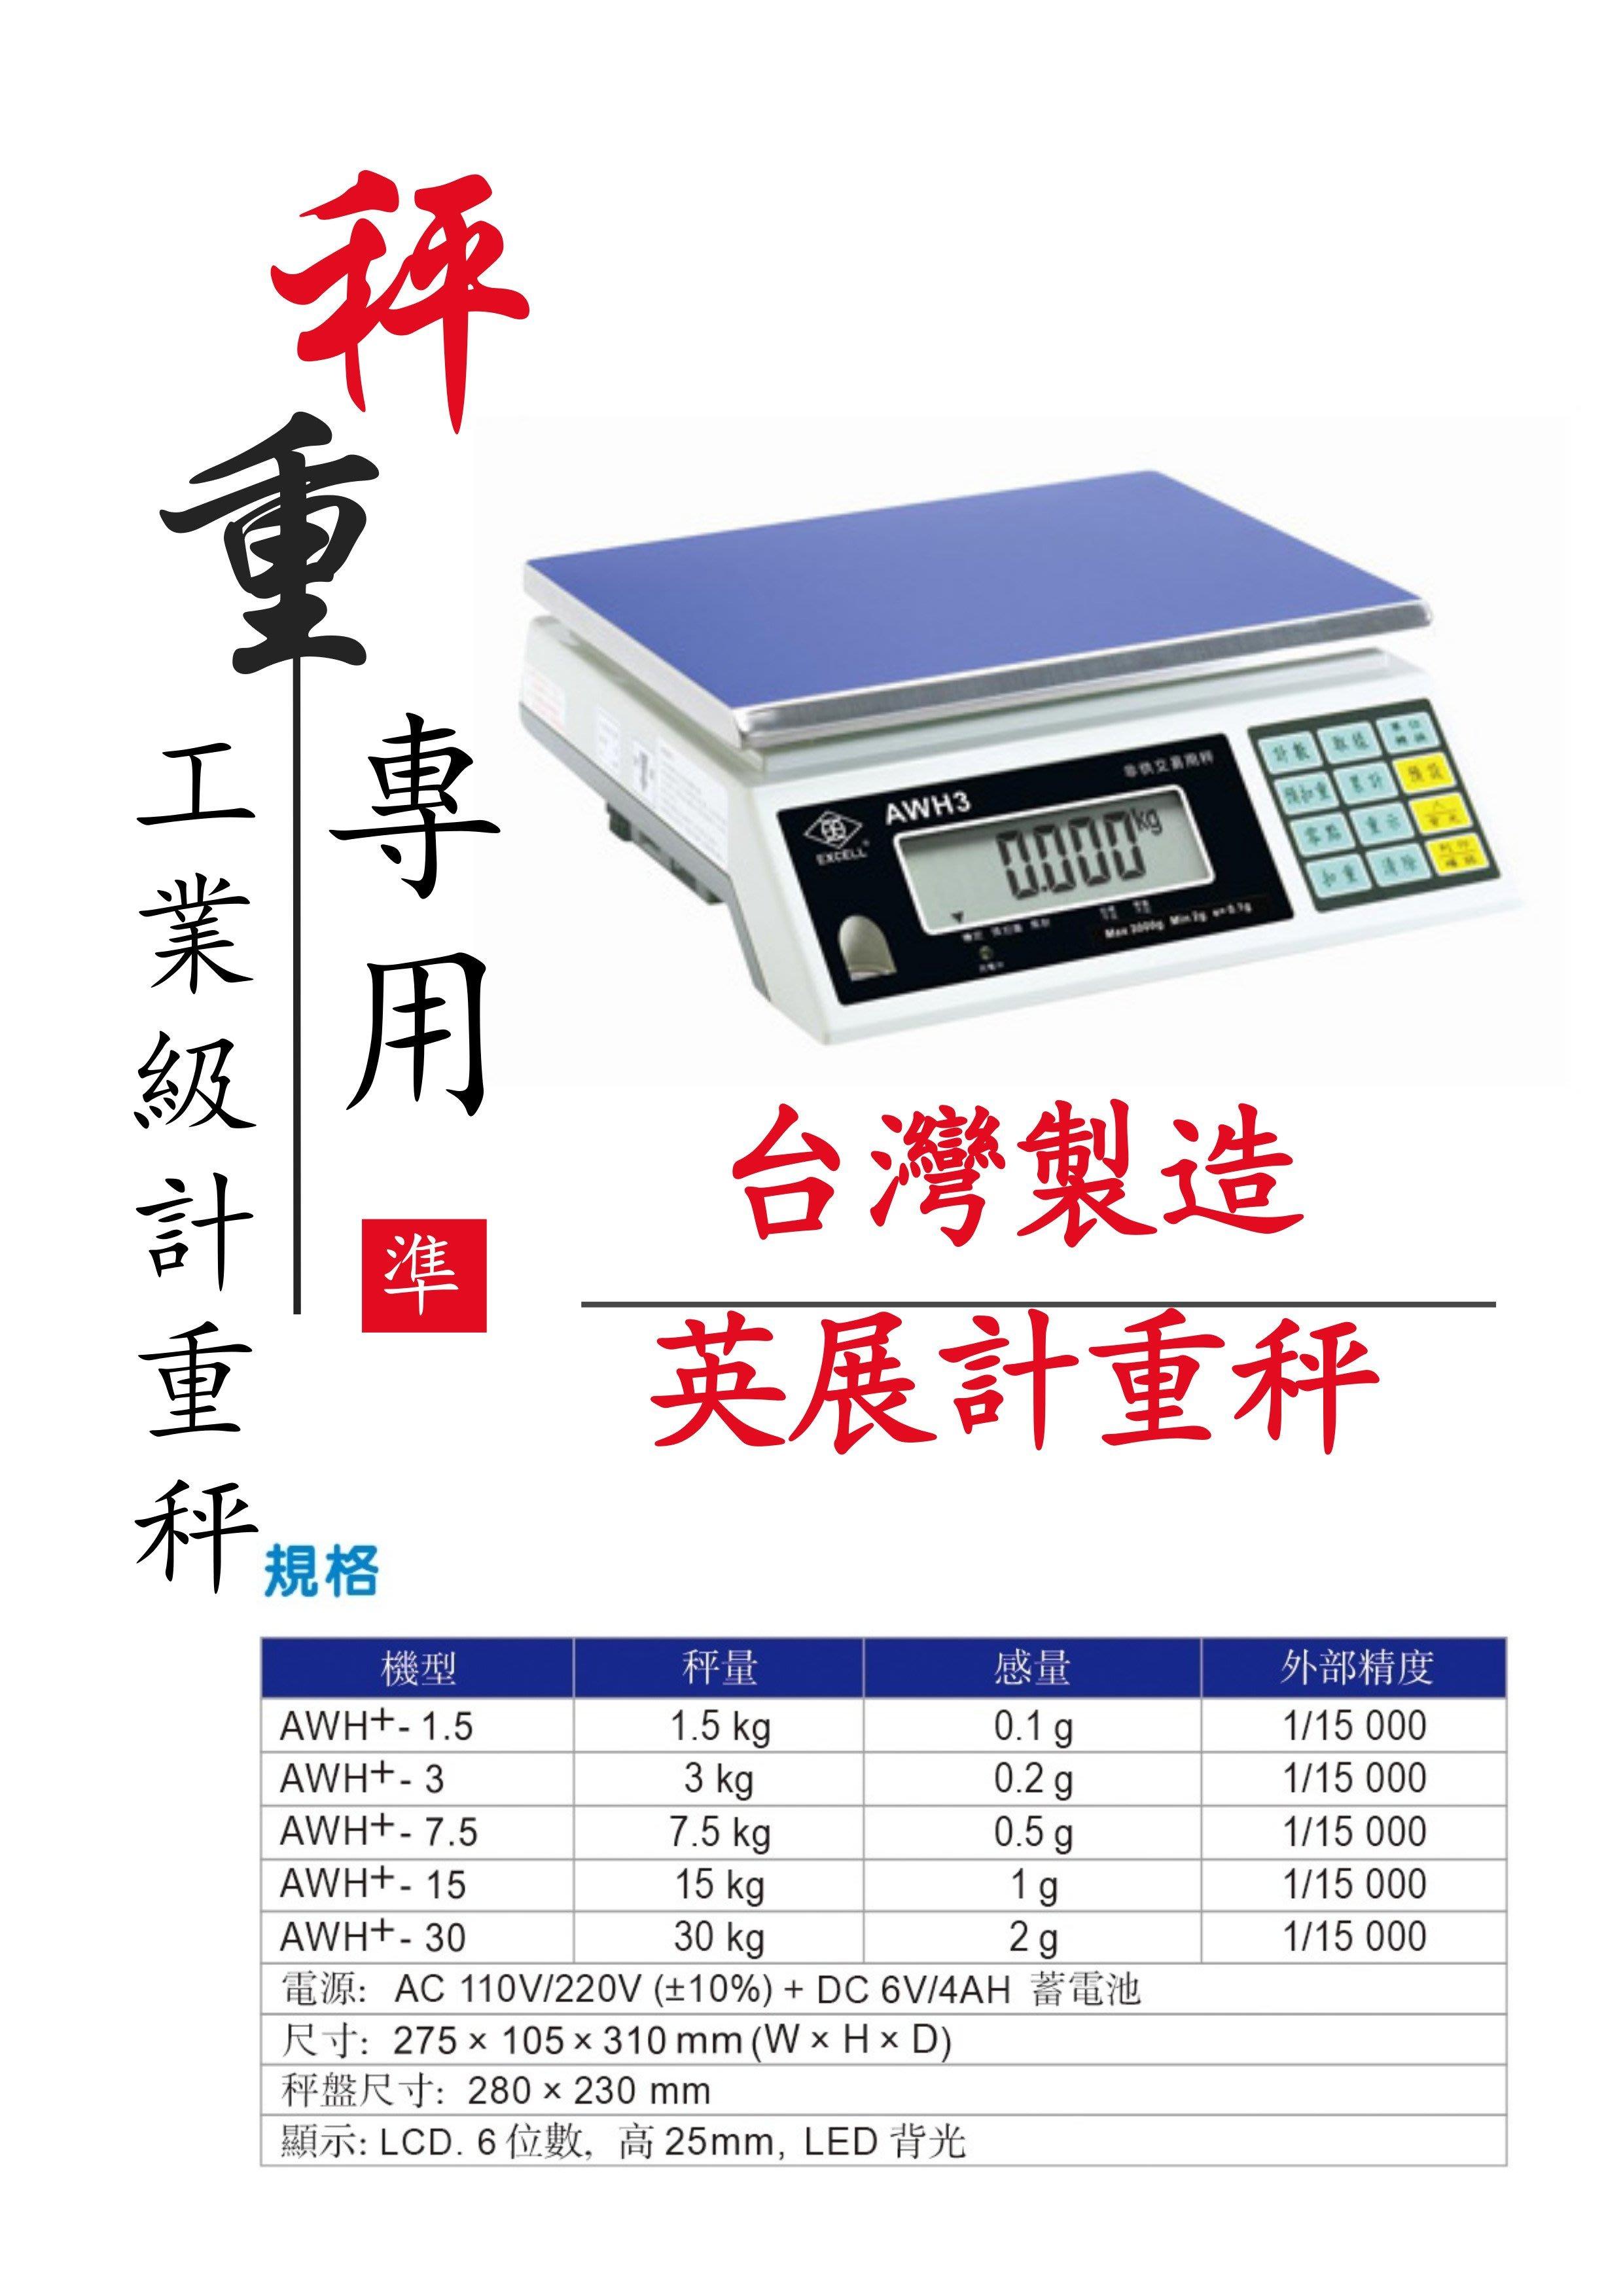 電子秤 電子計重秤 台製英展 30kg x 2g ,有實體店面、購買更放心【三重】